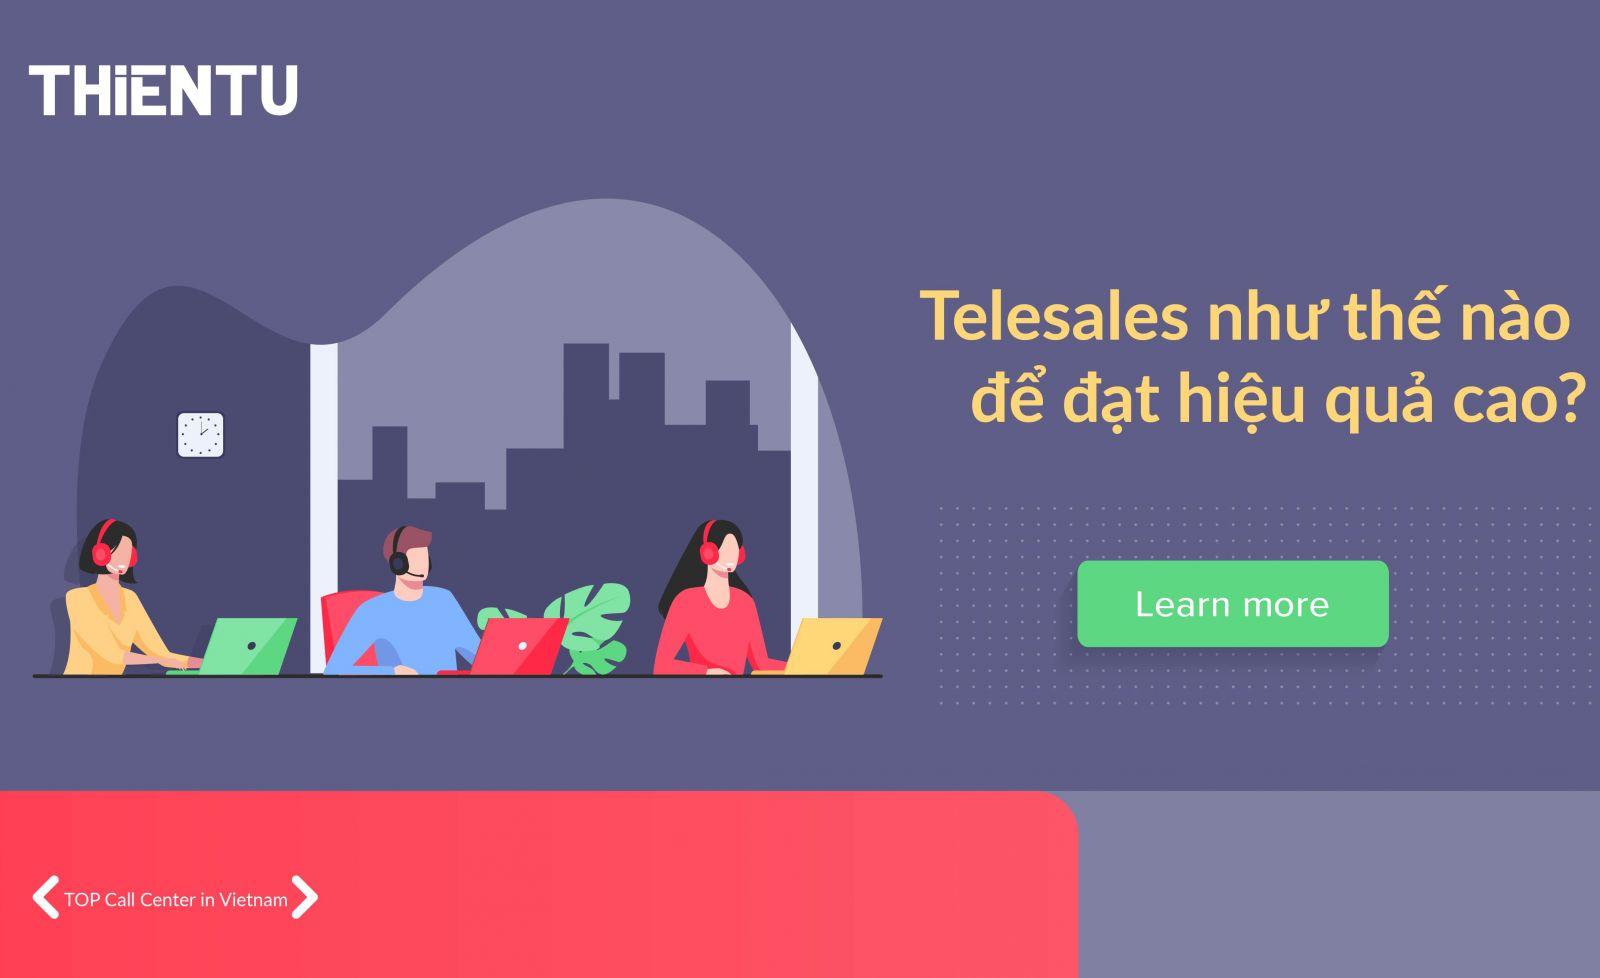 Telesales làm như thế nào để đạt hiệu quả cao